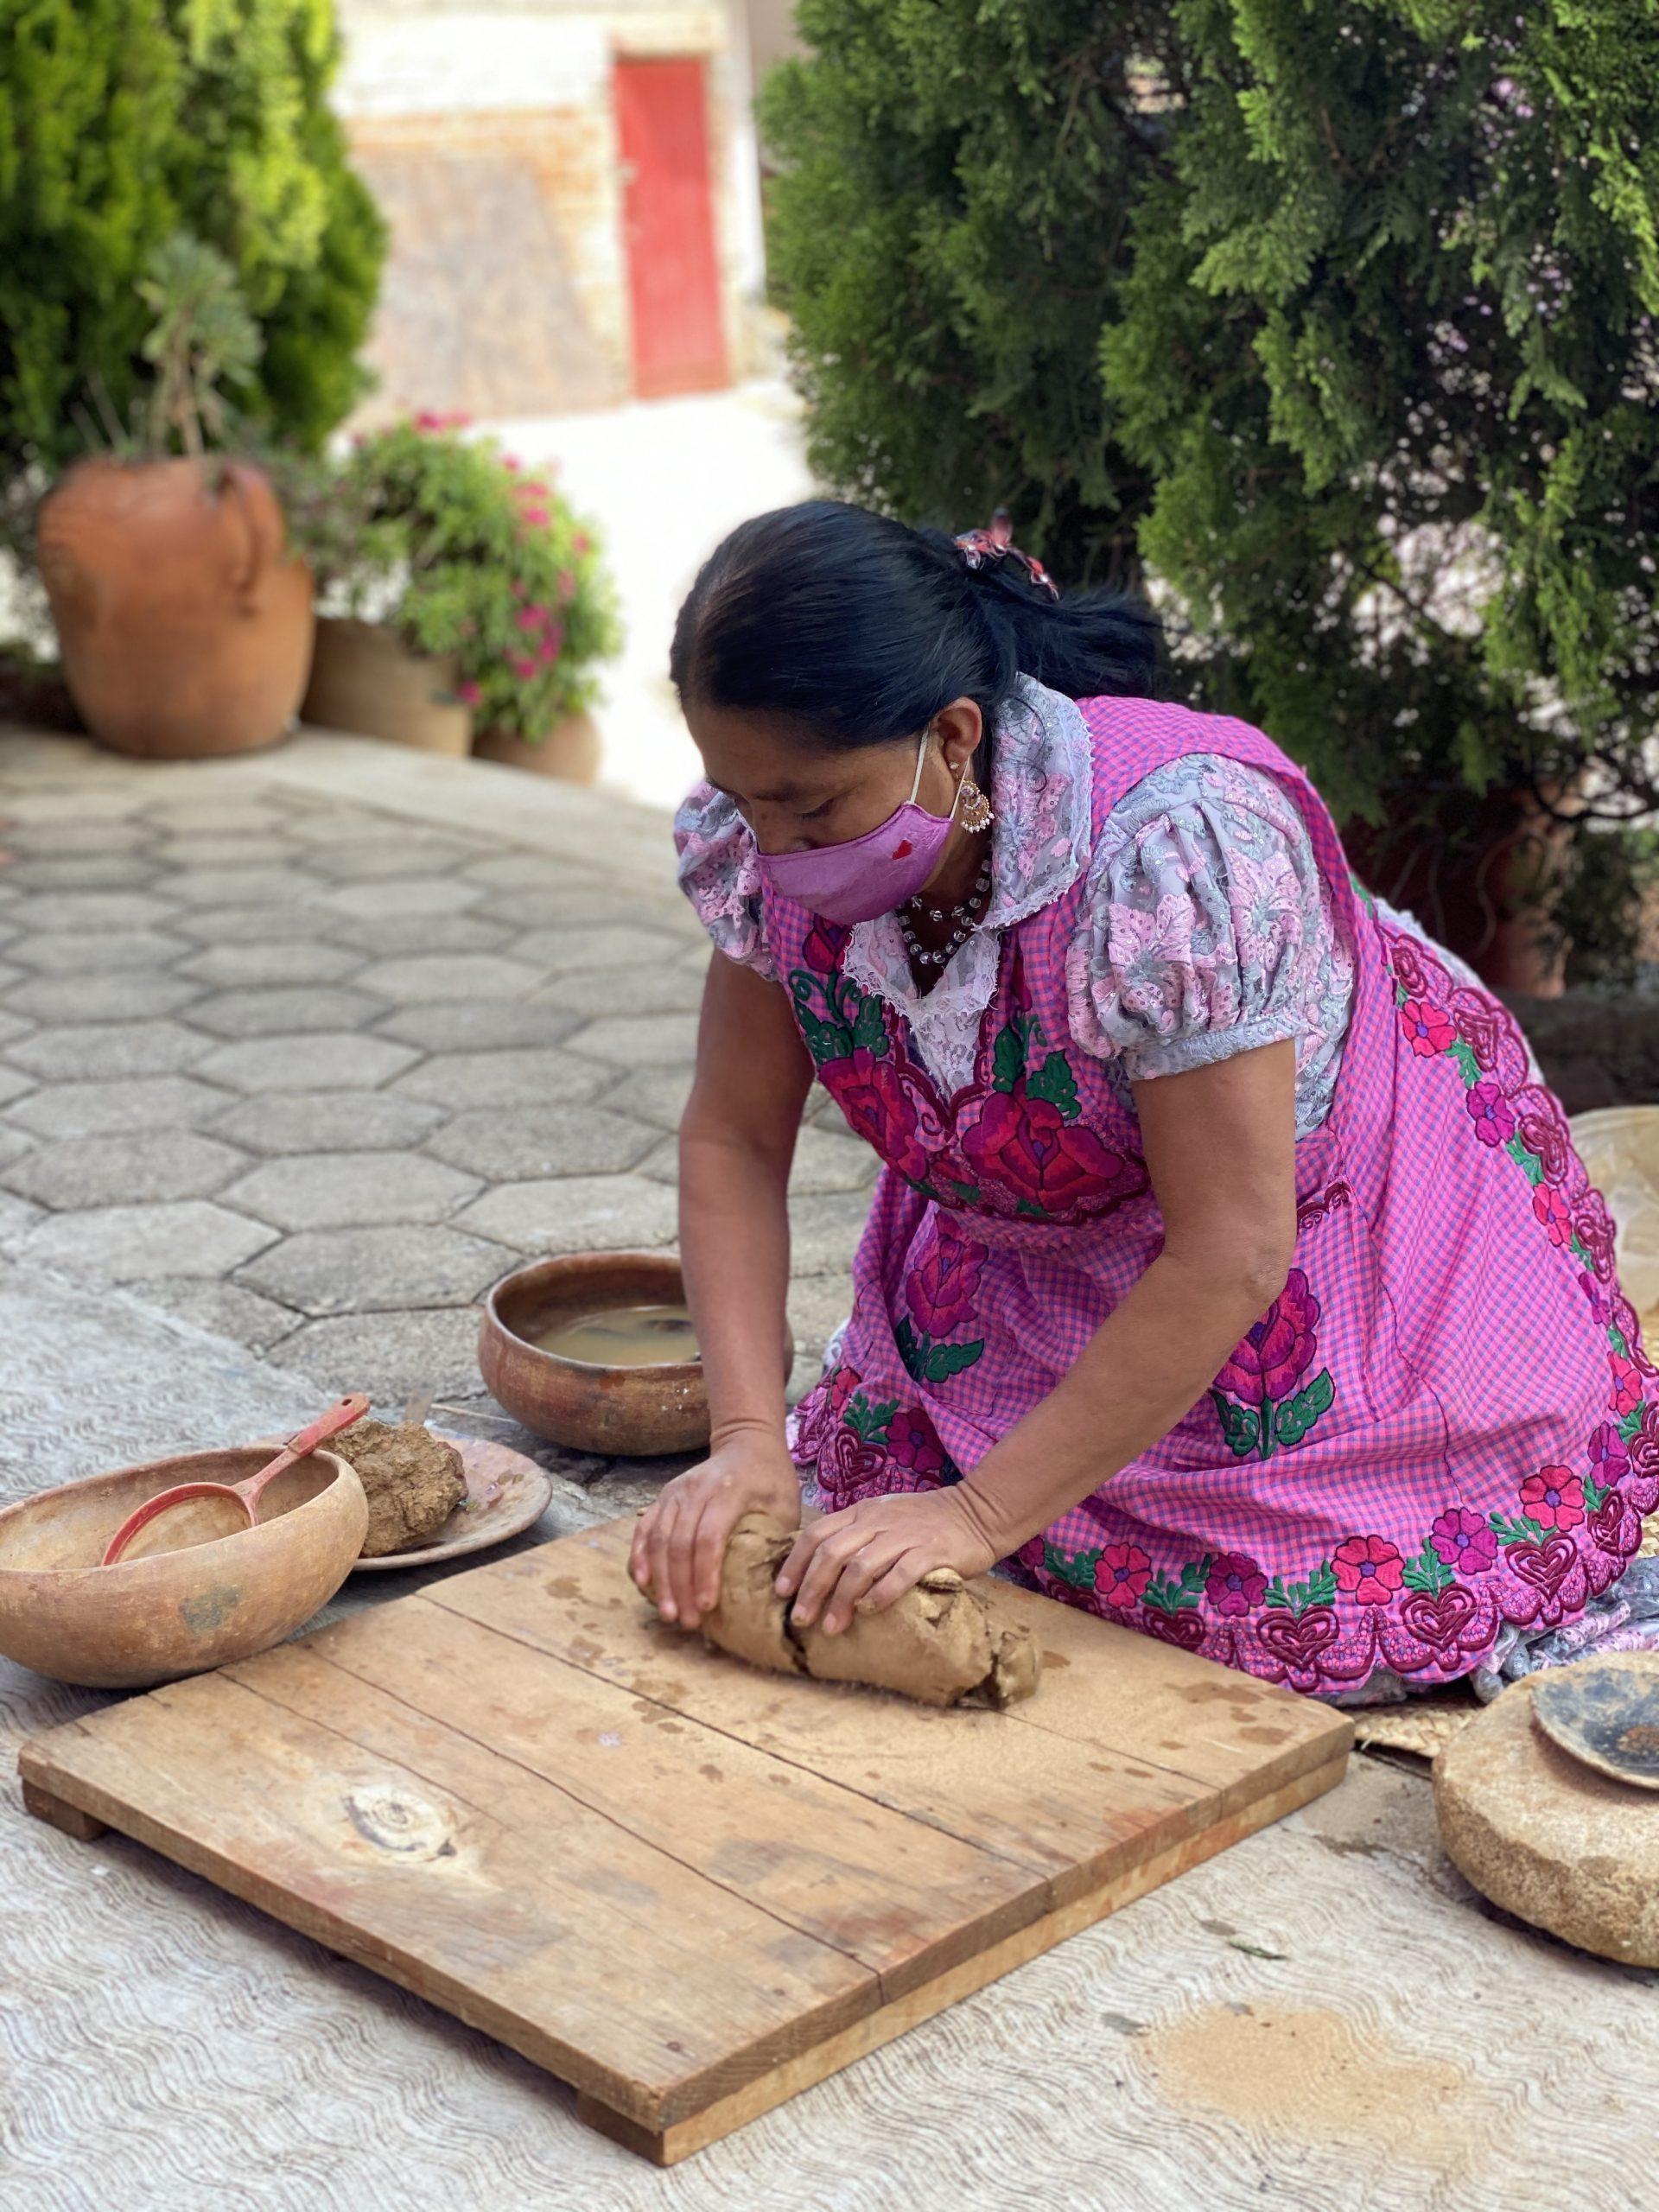 MEXICO SOSTENIBLE - MUJER Y VIAJERA - VIAJAR SOLA - VIAJES PARA MUJERES24